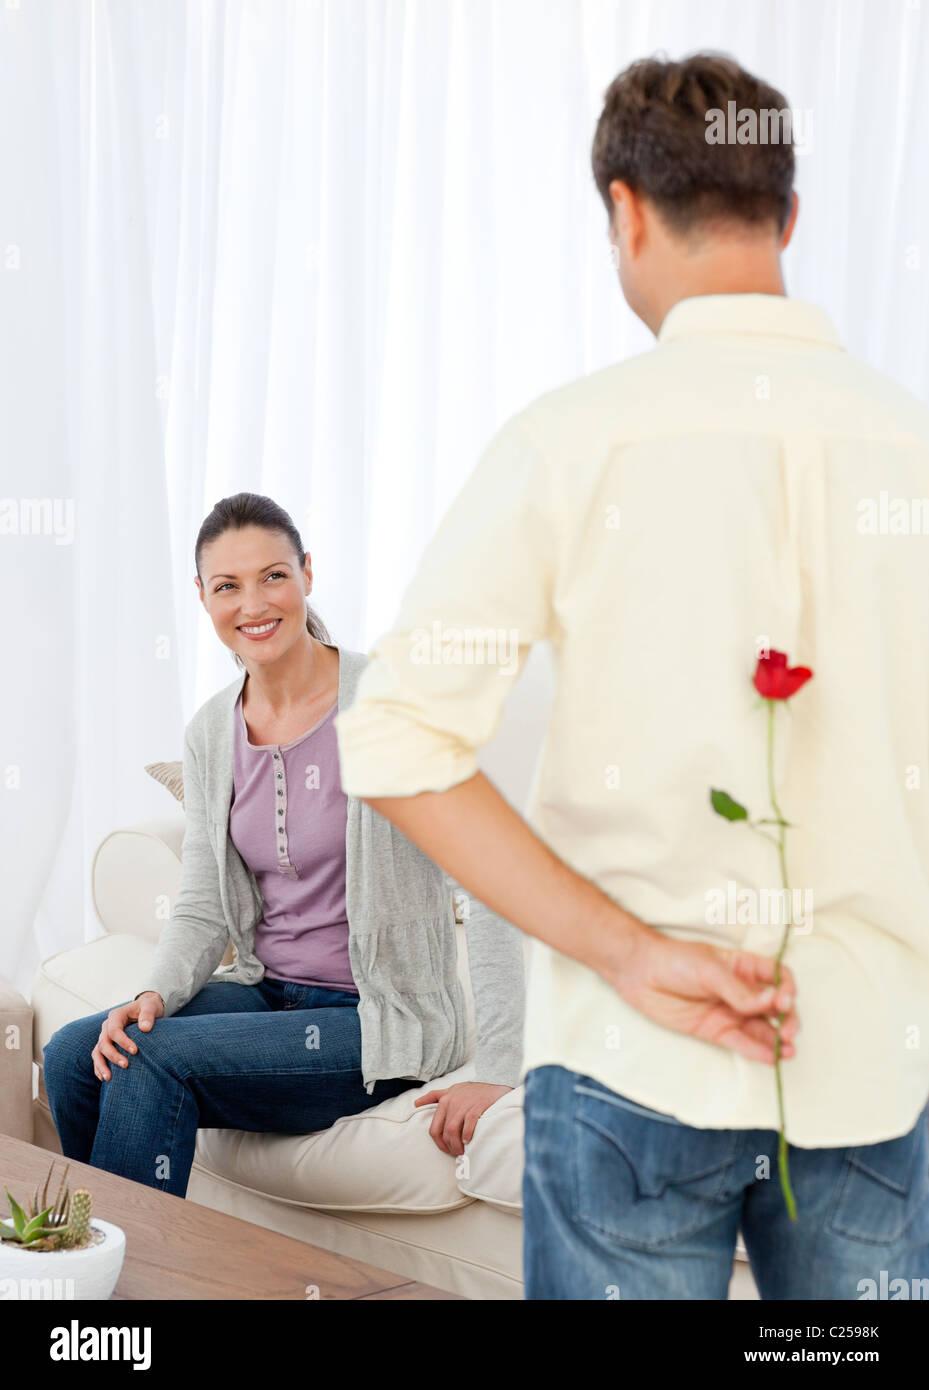 Leidenschaftlicher Mann versteckt für seine Freundin eine Rose hinter seinem Rücken Stockbild